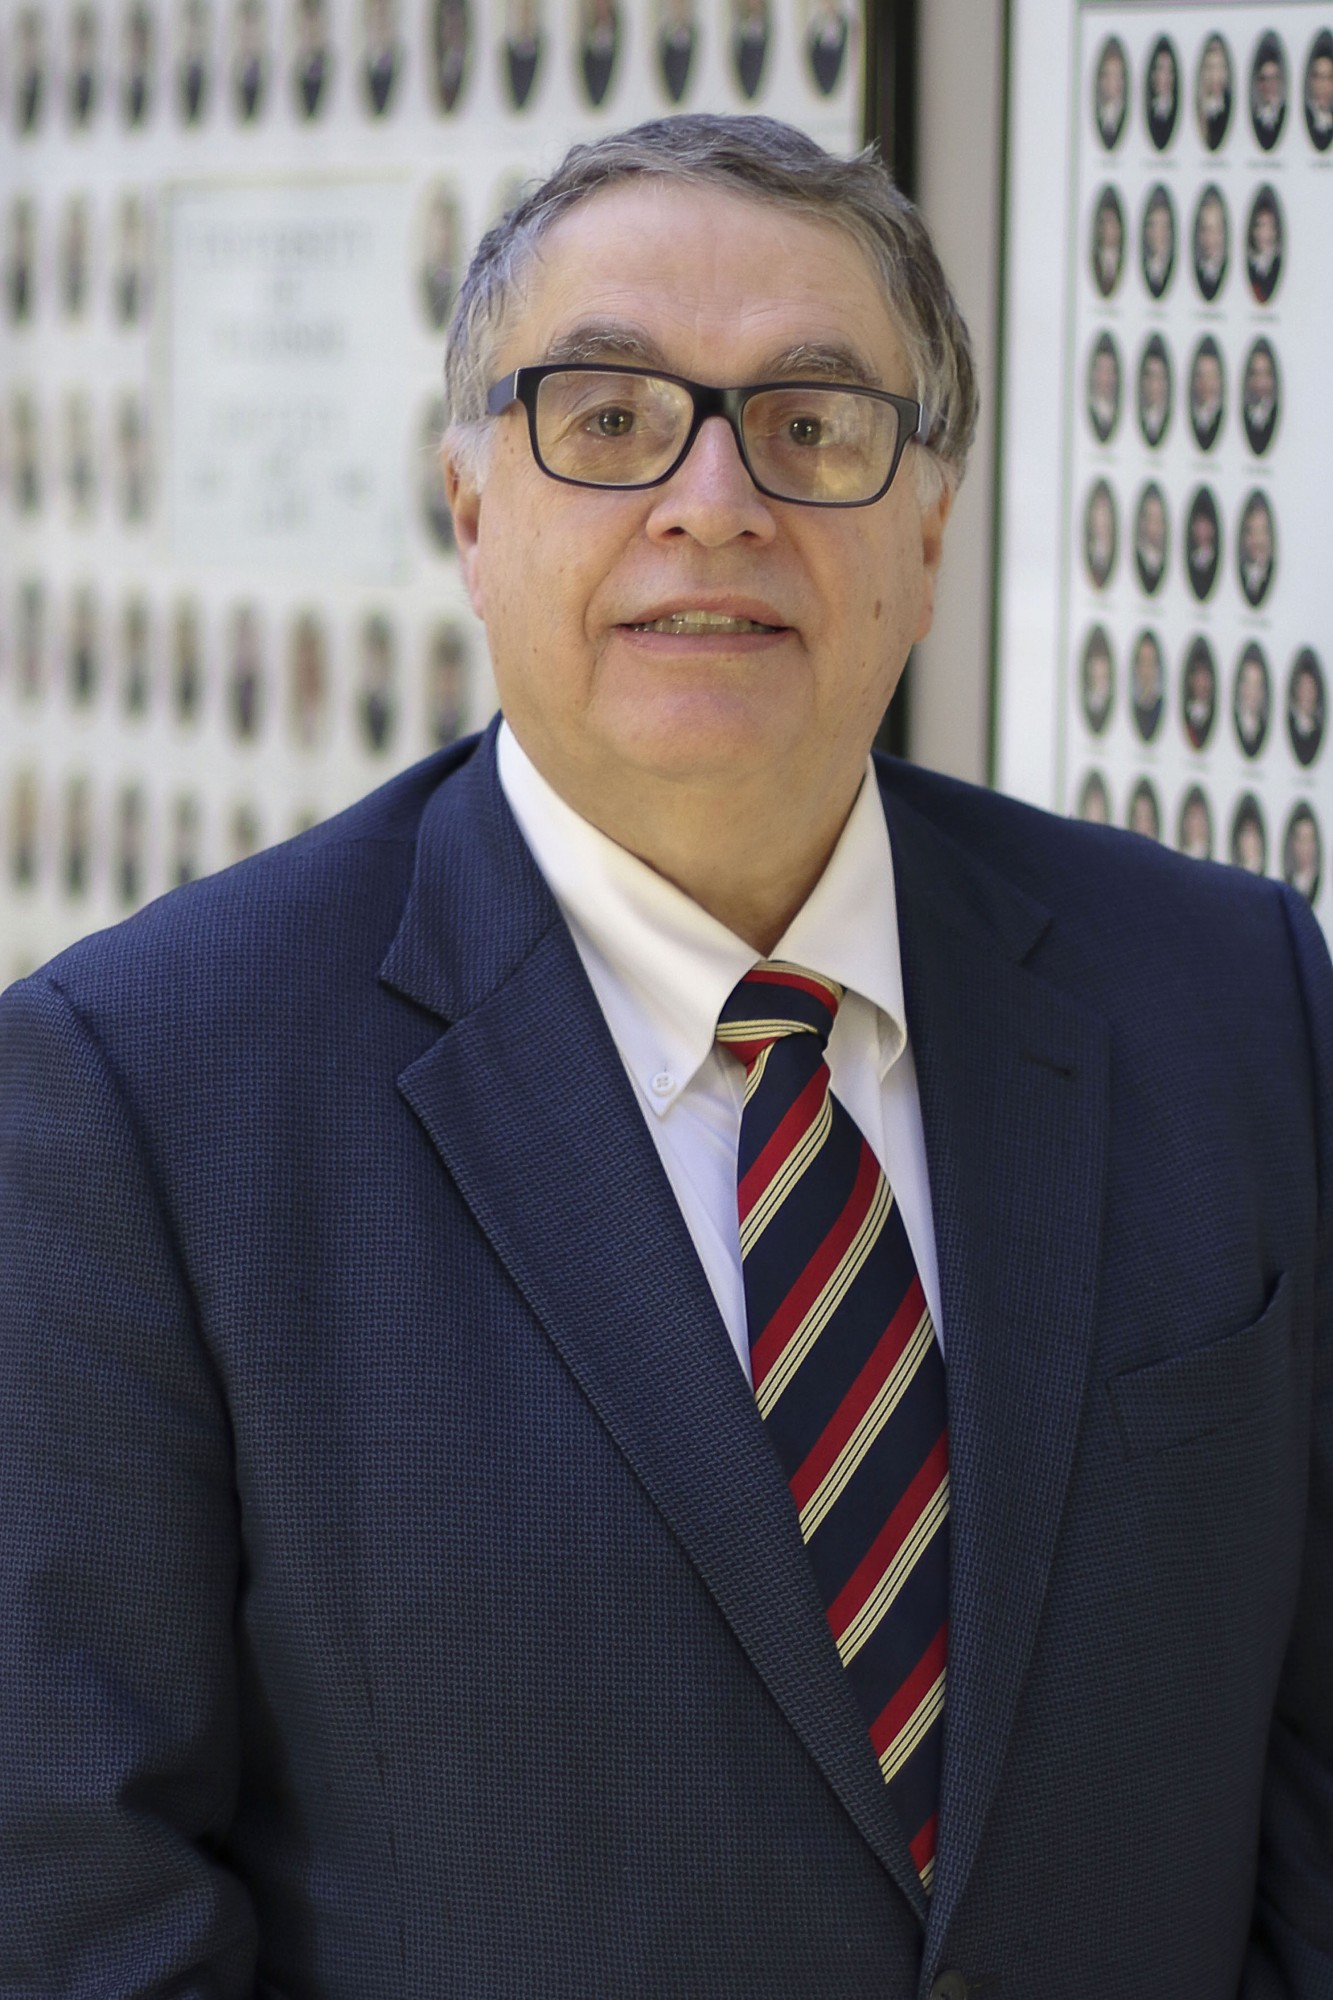 Bruce Elman